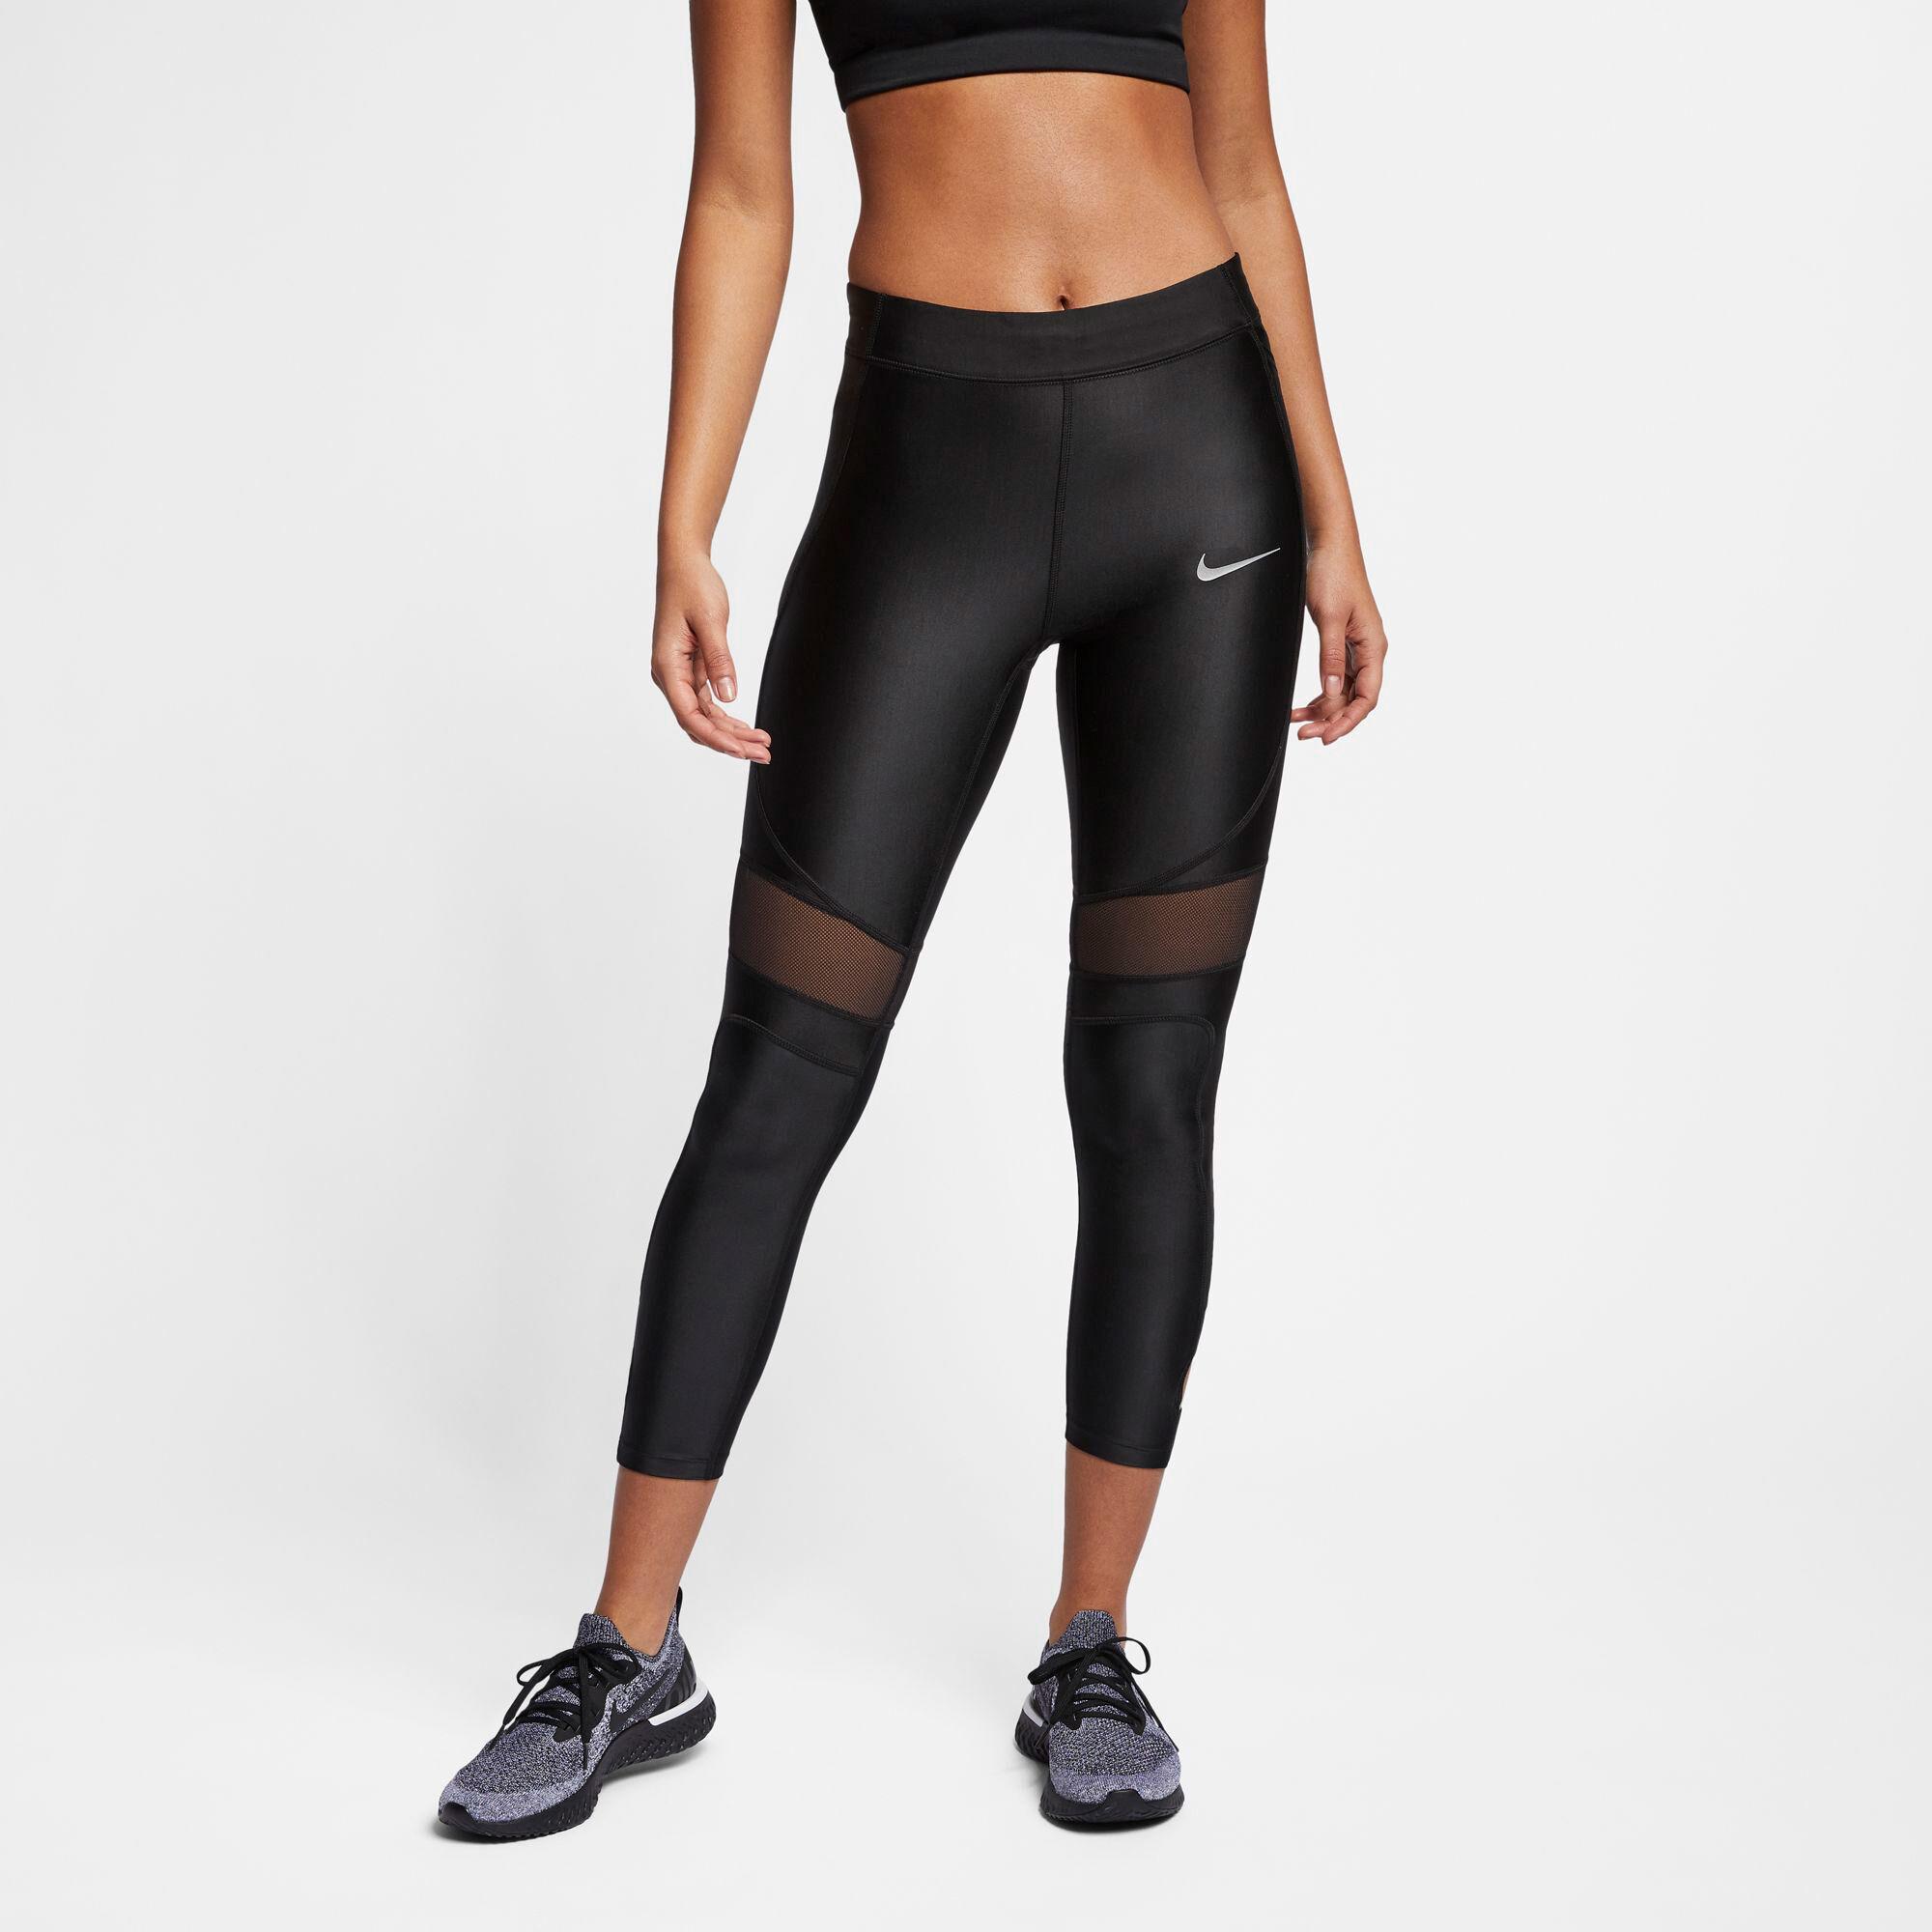 Hardlopen Sportkleding & Accessoires | INTERSPORT